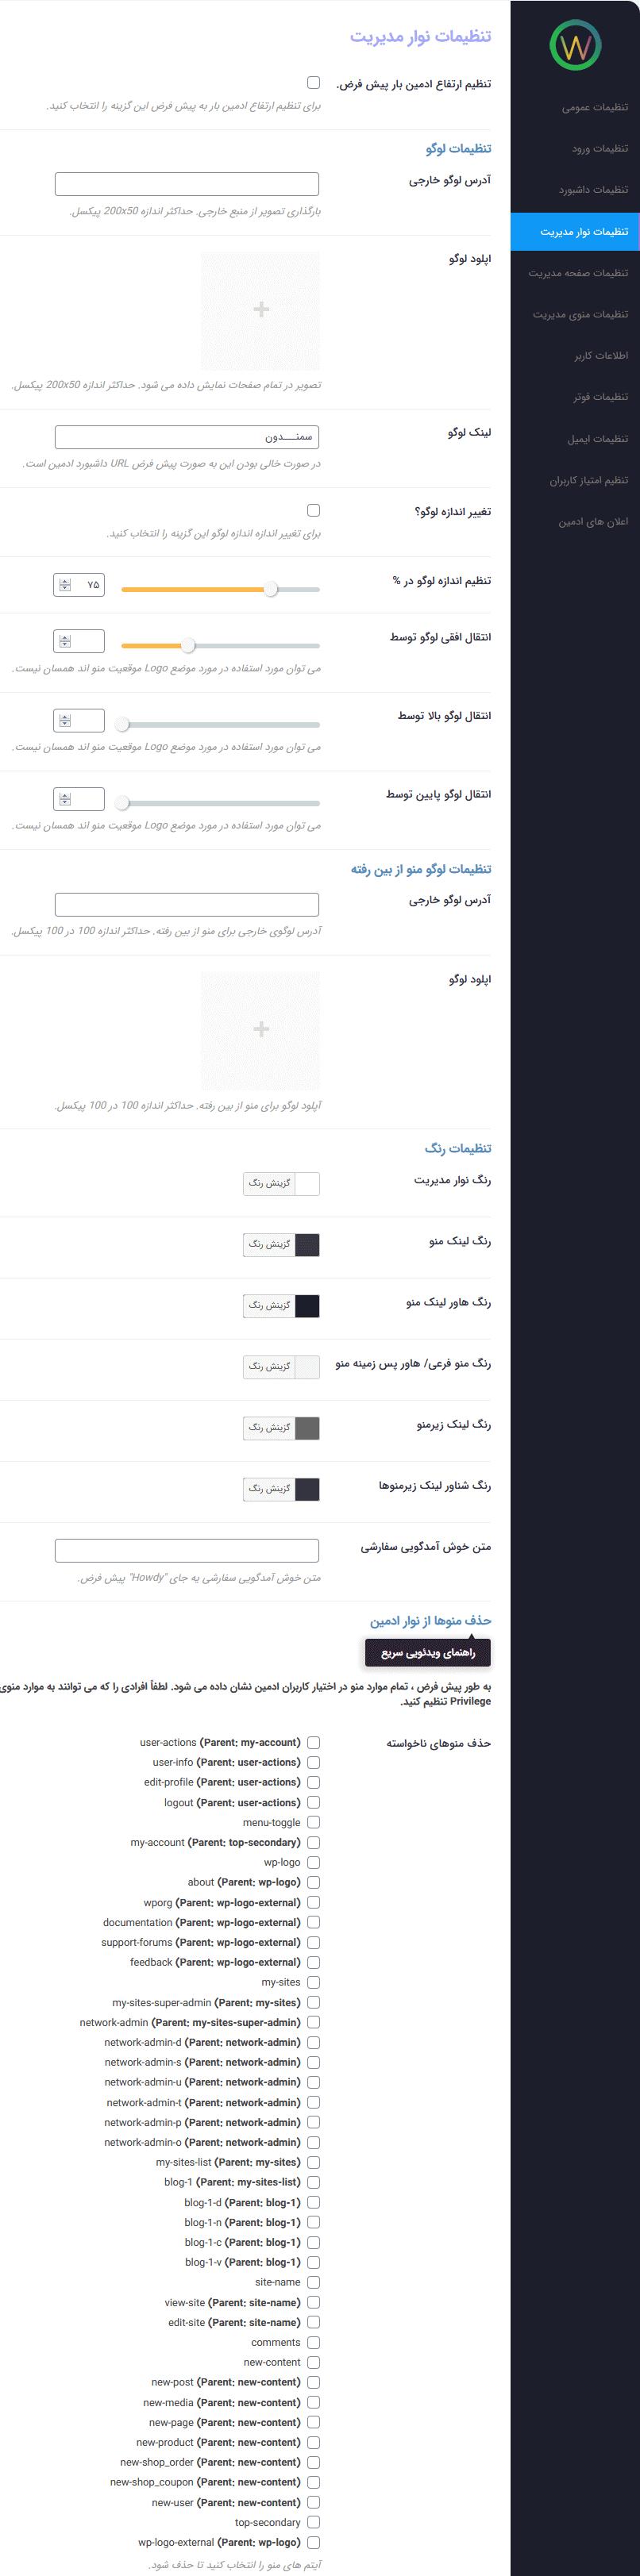 تنظیمات نوار مدیریت پلاگین WPShapere